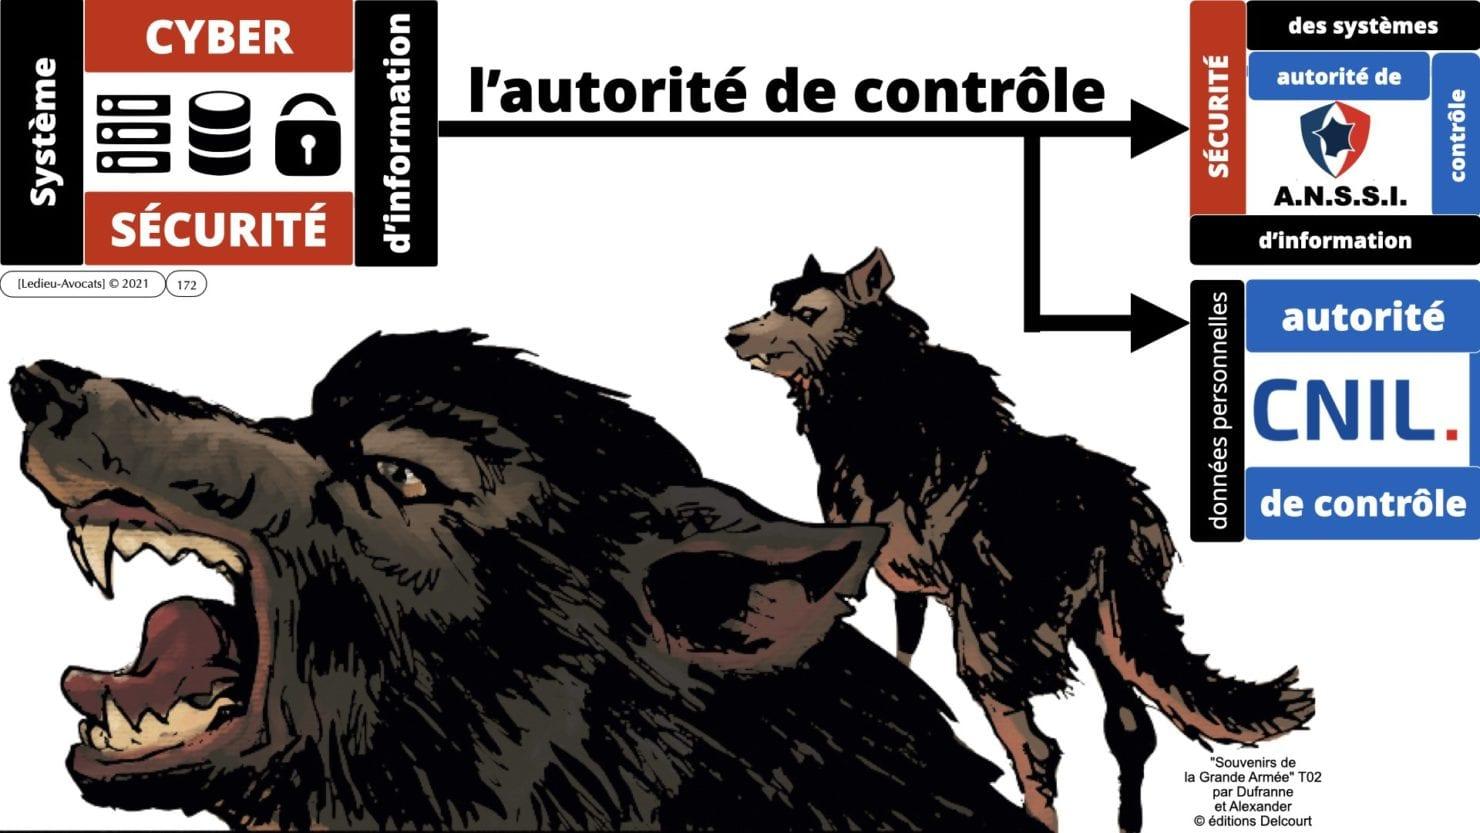 333 CYBER ATTAQUE responsabilité pénale civile contrat © Ledieu-Avocats 23-05-2021.172